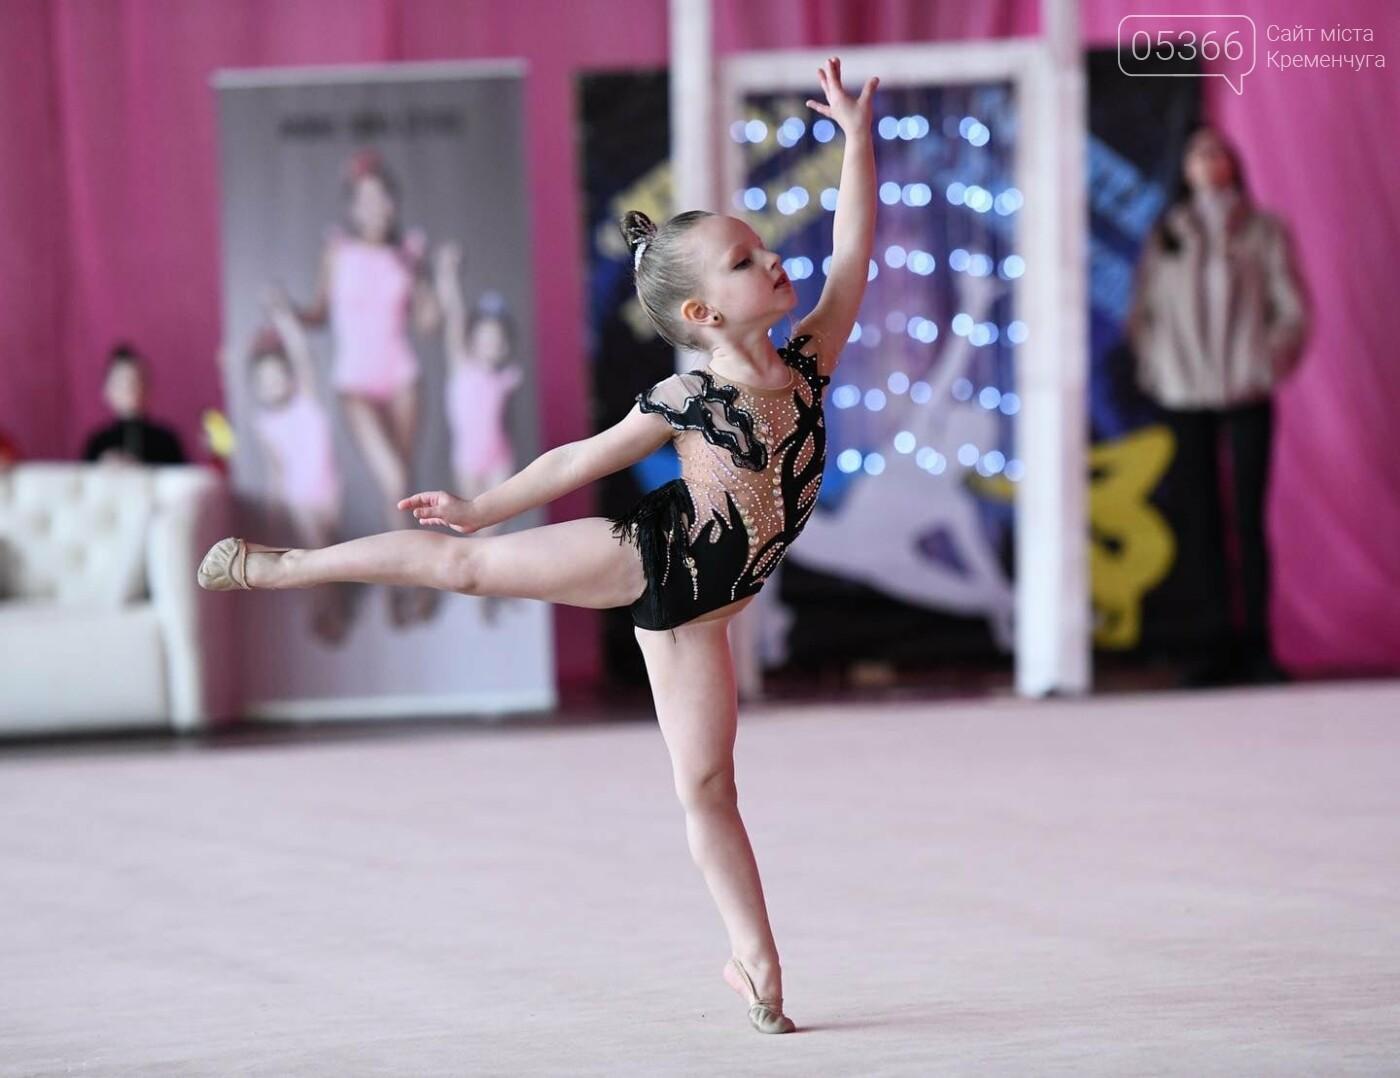 Юна гімнастка, що представляла Кременчук, стала чемпіонкою, фото-2